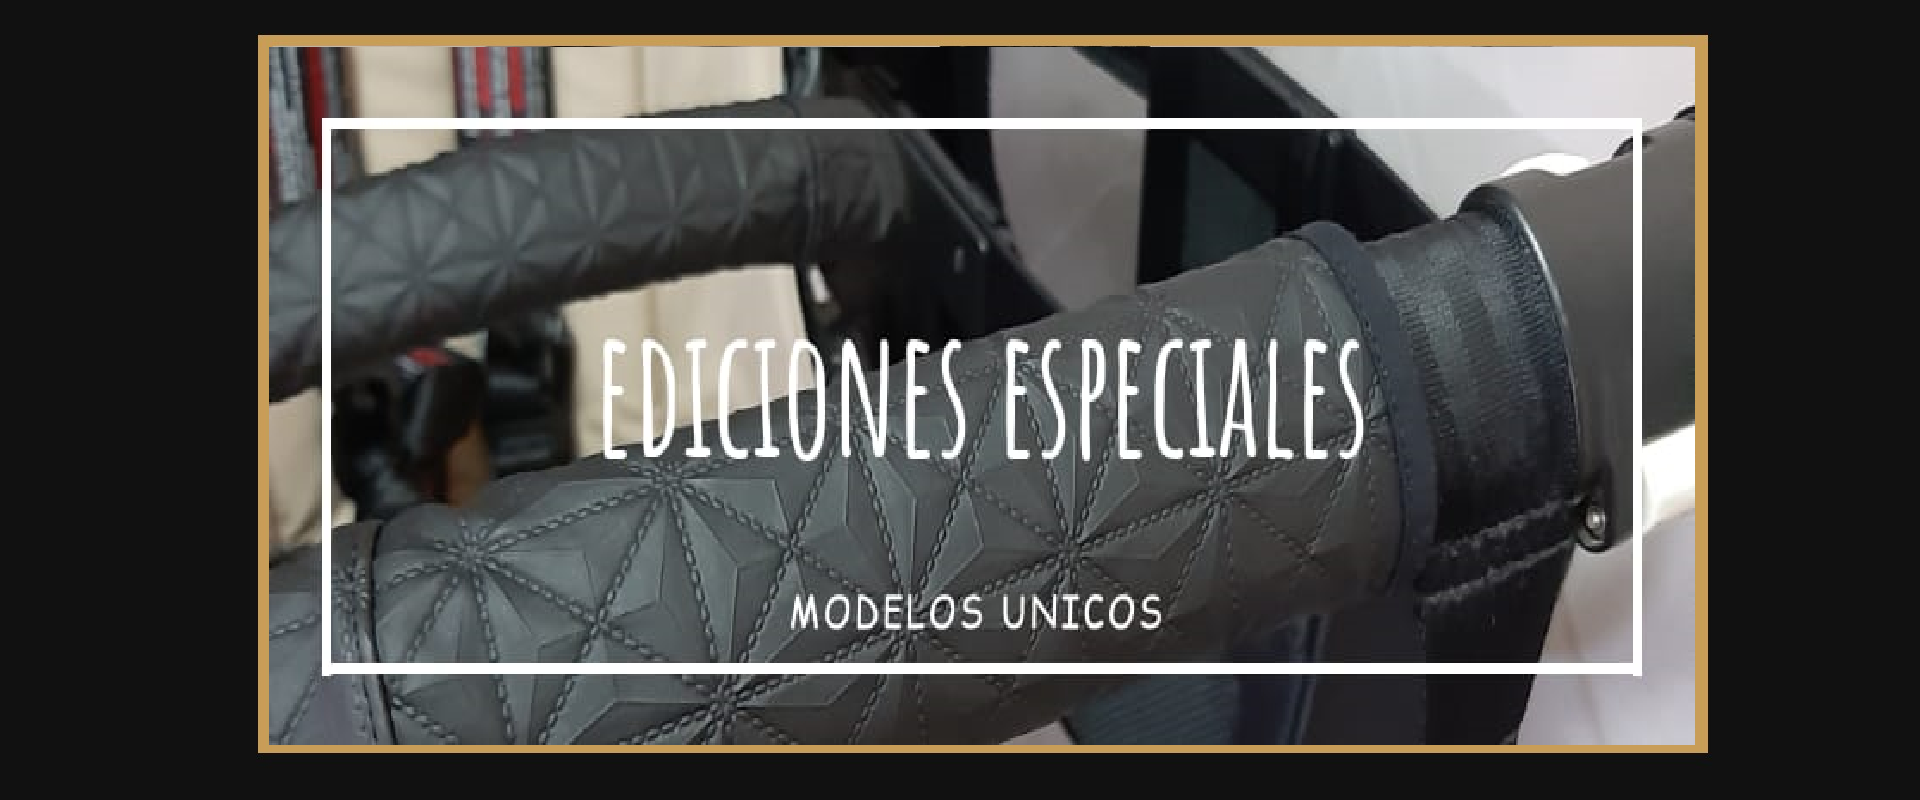 Ediciones especiales